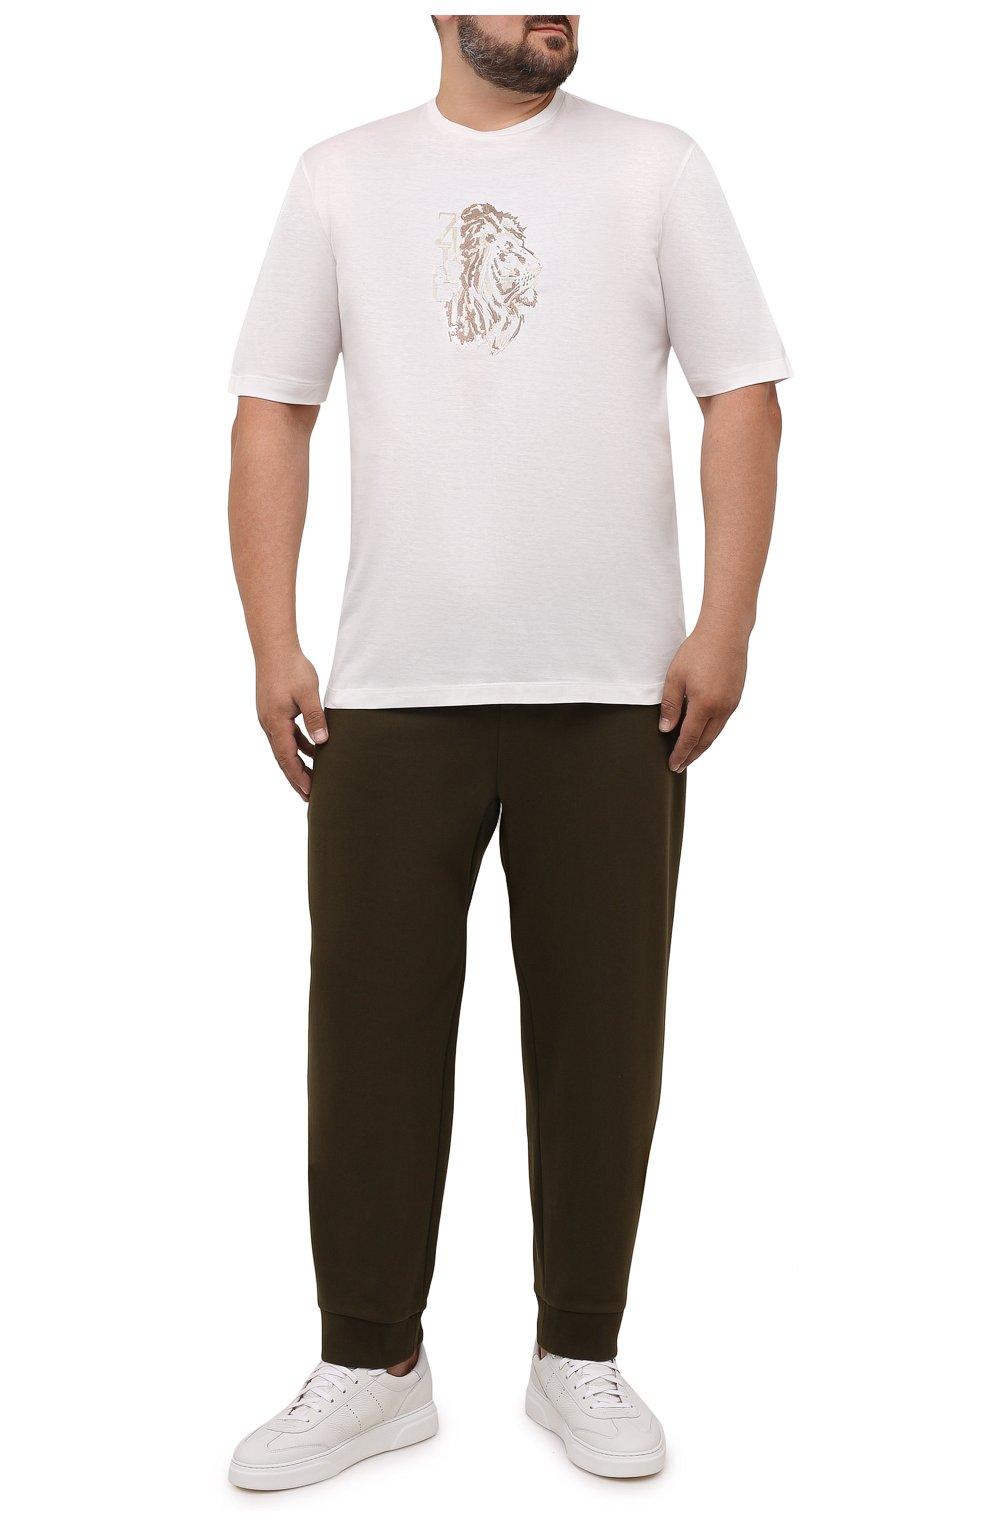 Мужские джоггеры POLO RALPH LAUREN хаки цвета, арт. 711652314/PRL BS | Фото 2 (Мужское Кросс-КТ: Брюки-трикотаж; Длина (брюки, джинсы): Стандартные; Кросс-КТ: Спорт; Материал внешний: Синтетический материал, Хлопок; Стили: Спорт-шик; Силуэт М (брюки): Джоггеры)